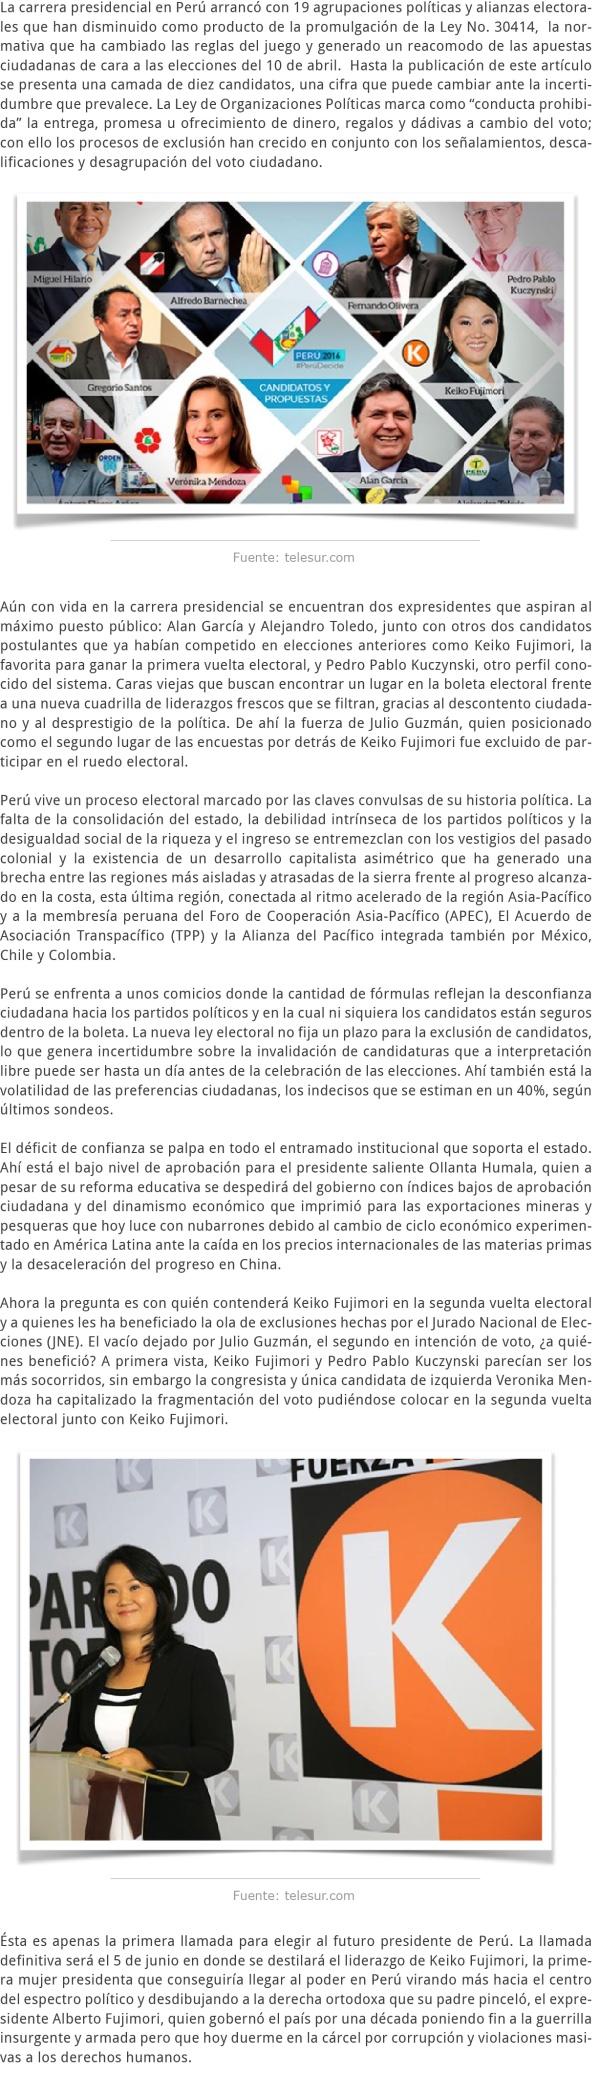 PERÚ LA PRIMERA RONDA DE LA CARRERA ELECTORAL [Recuperado]